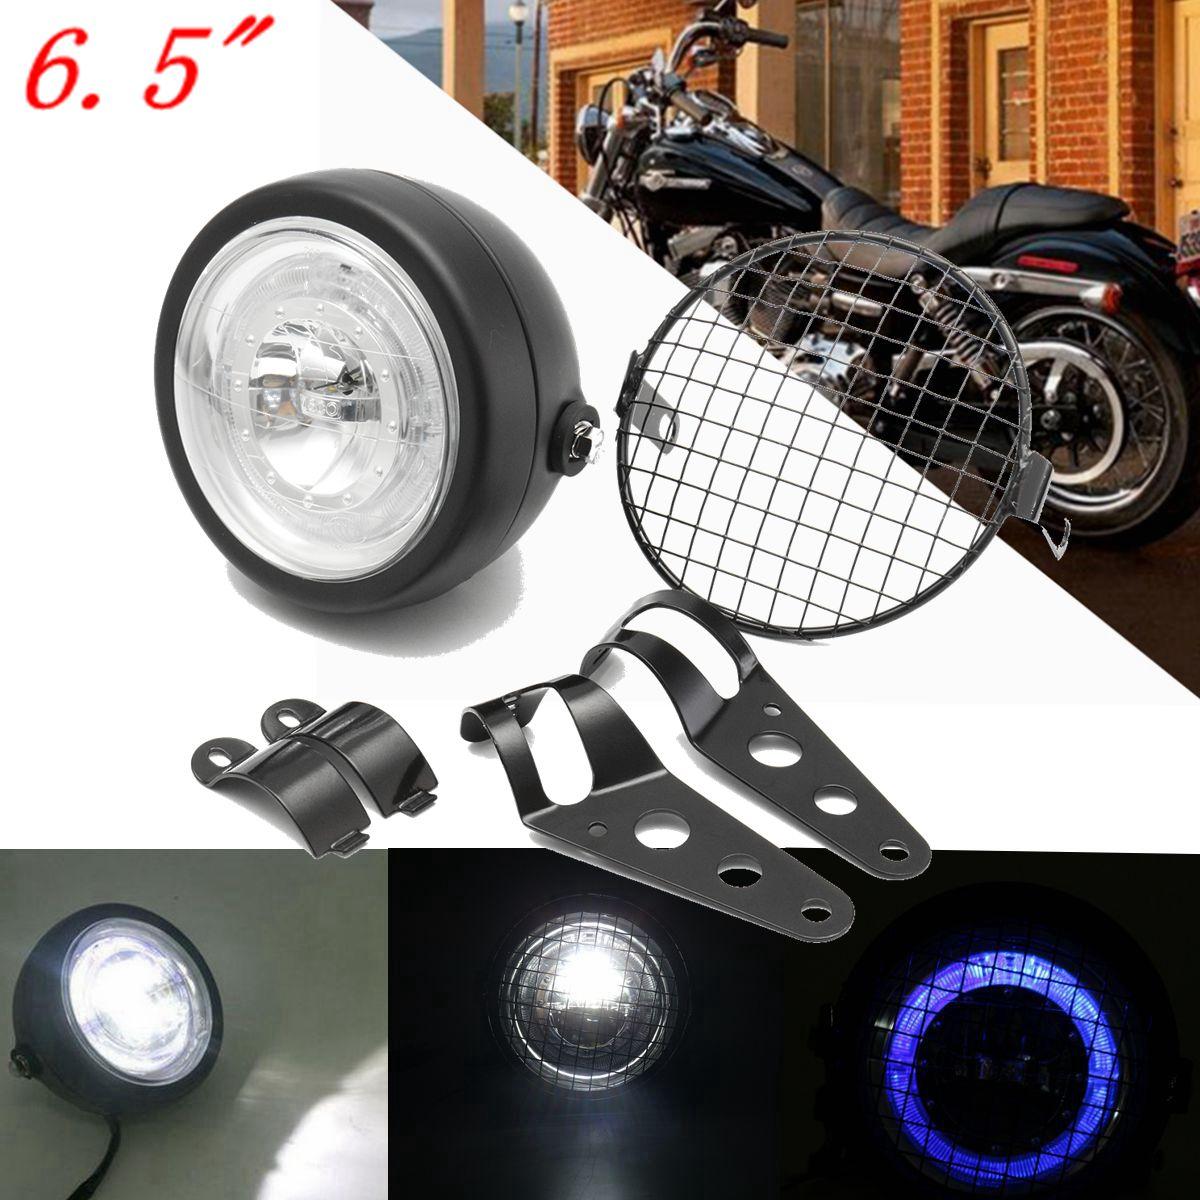 Universel 6.5 pouces 12 V rétro moto phare haute/basse faisceau phare gril côté Grille de montage avec support café Racer